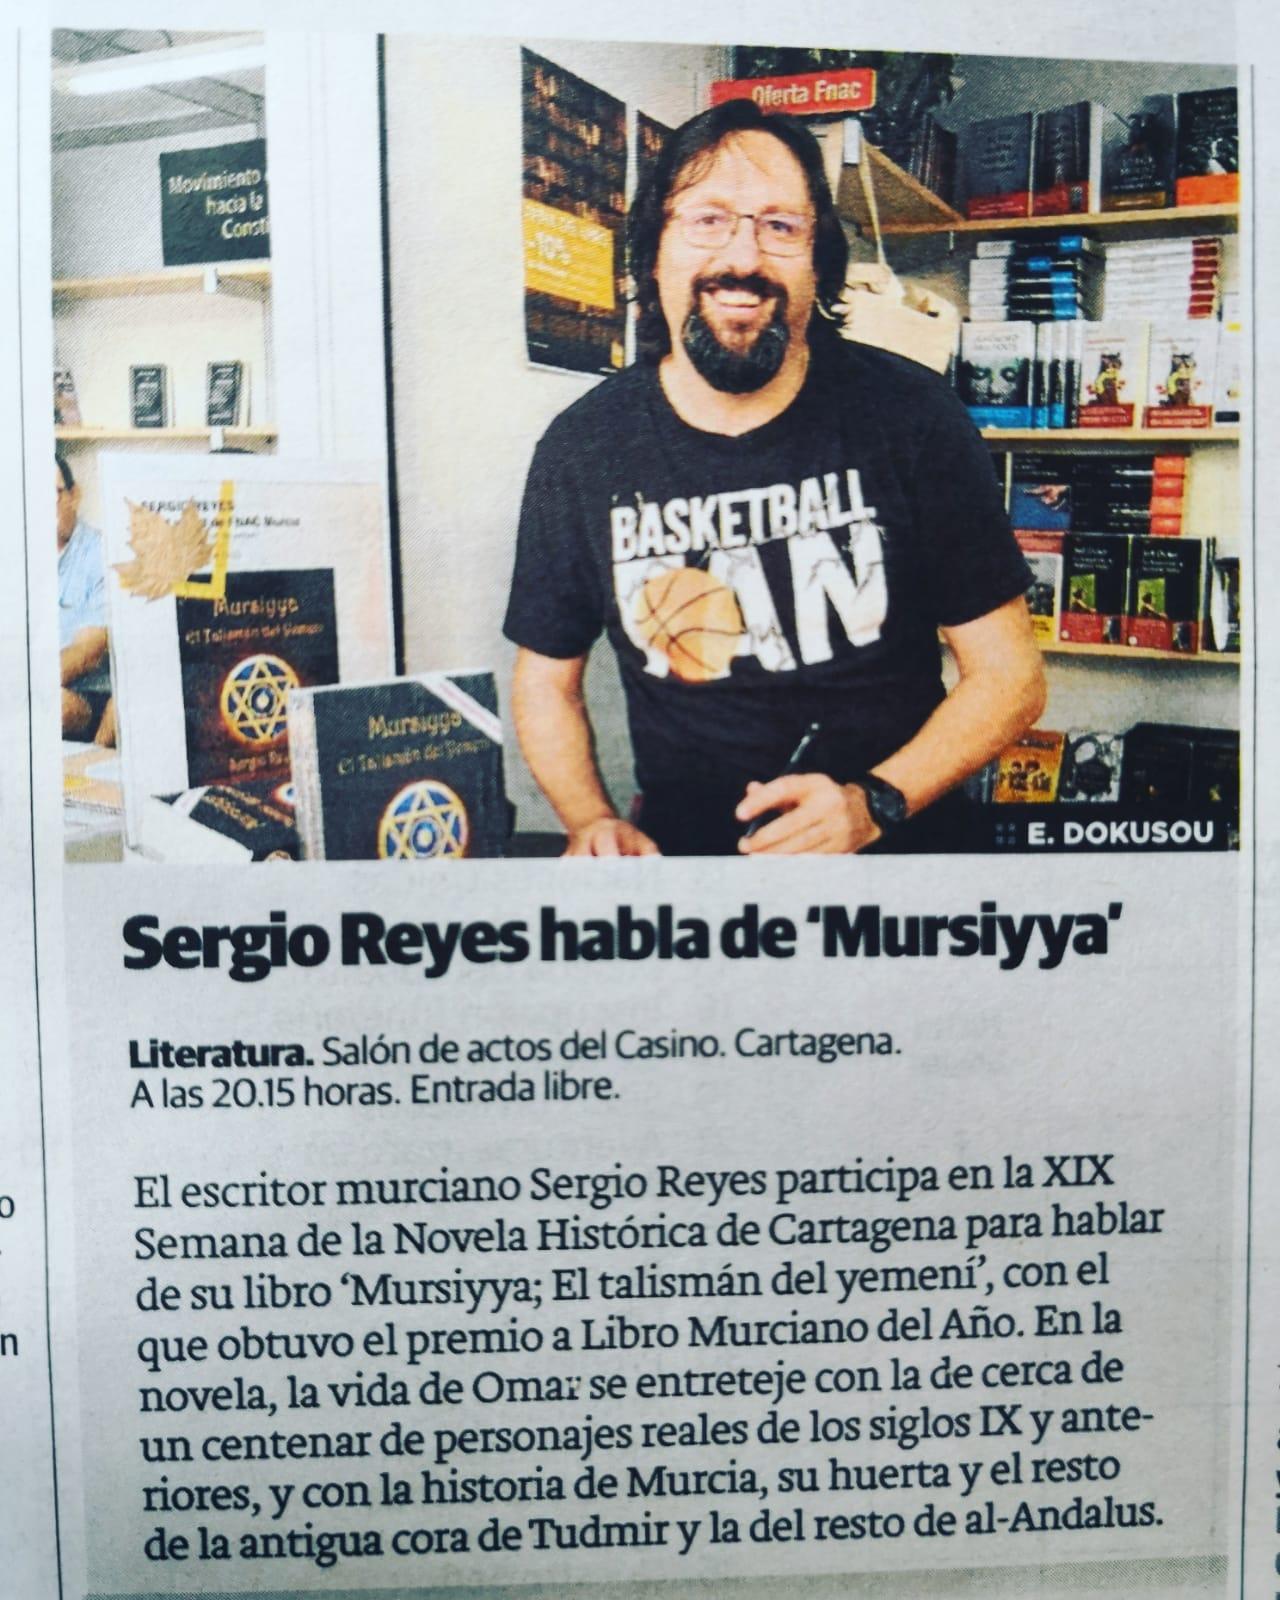 Sergio Reyes en una nota de prensa (La Verdad)